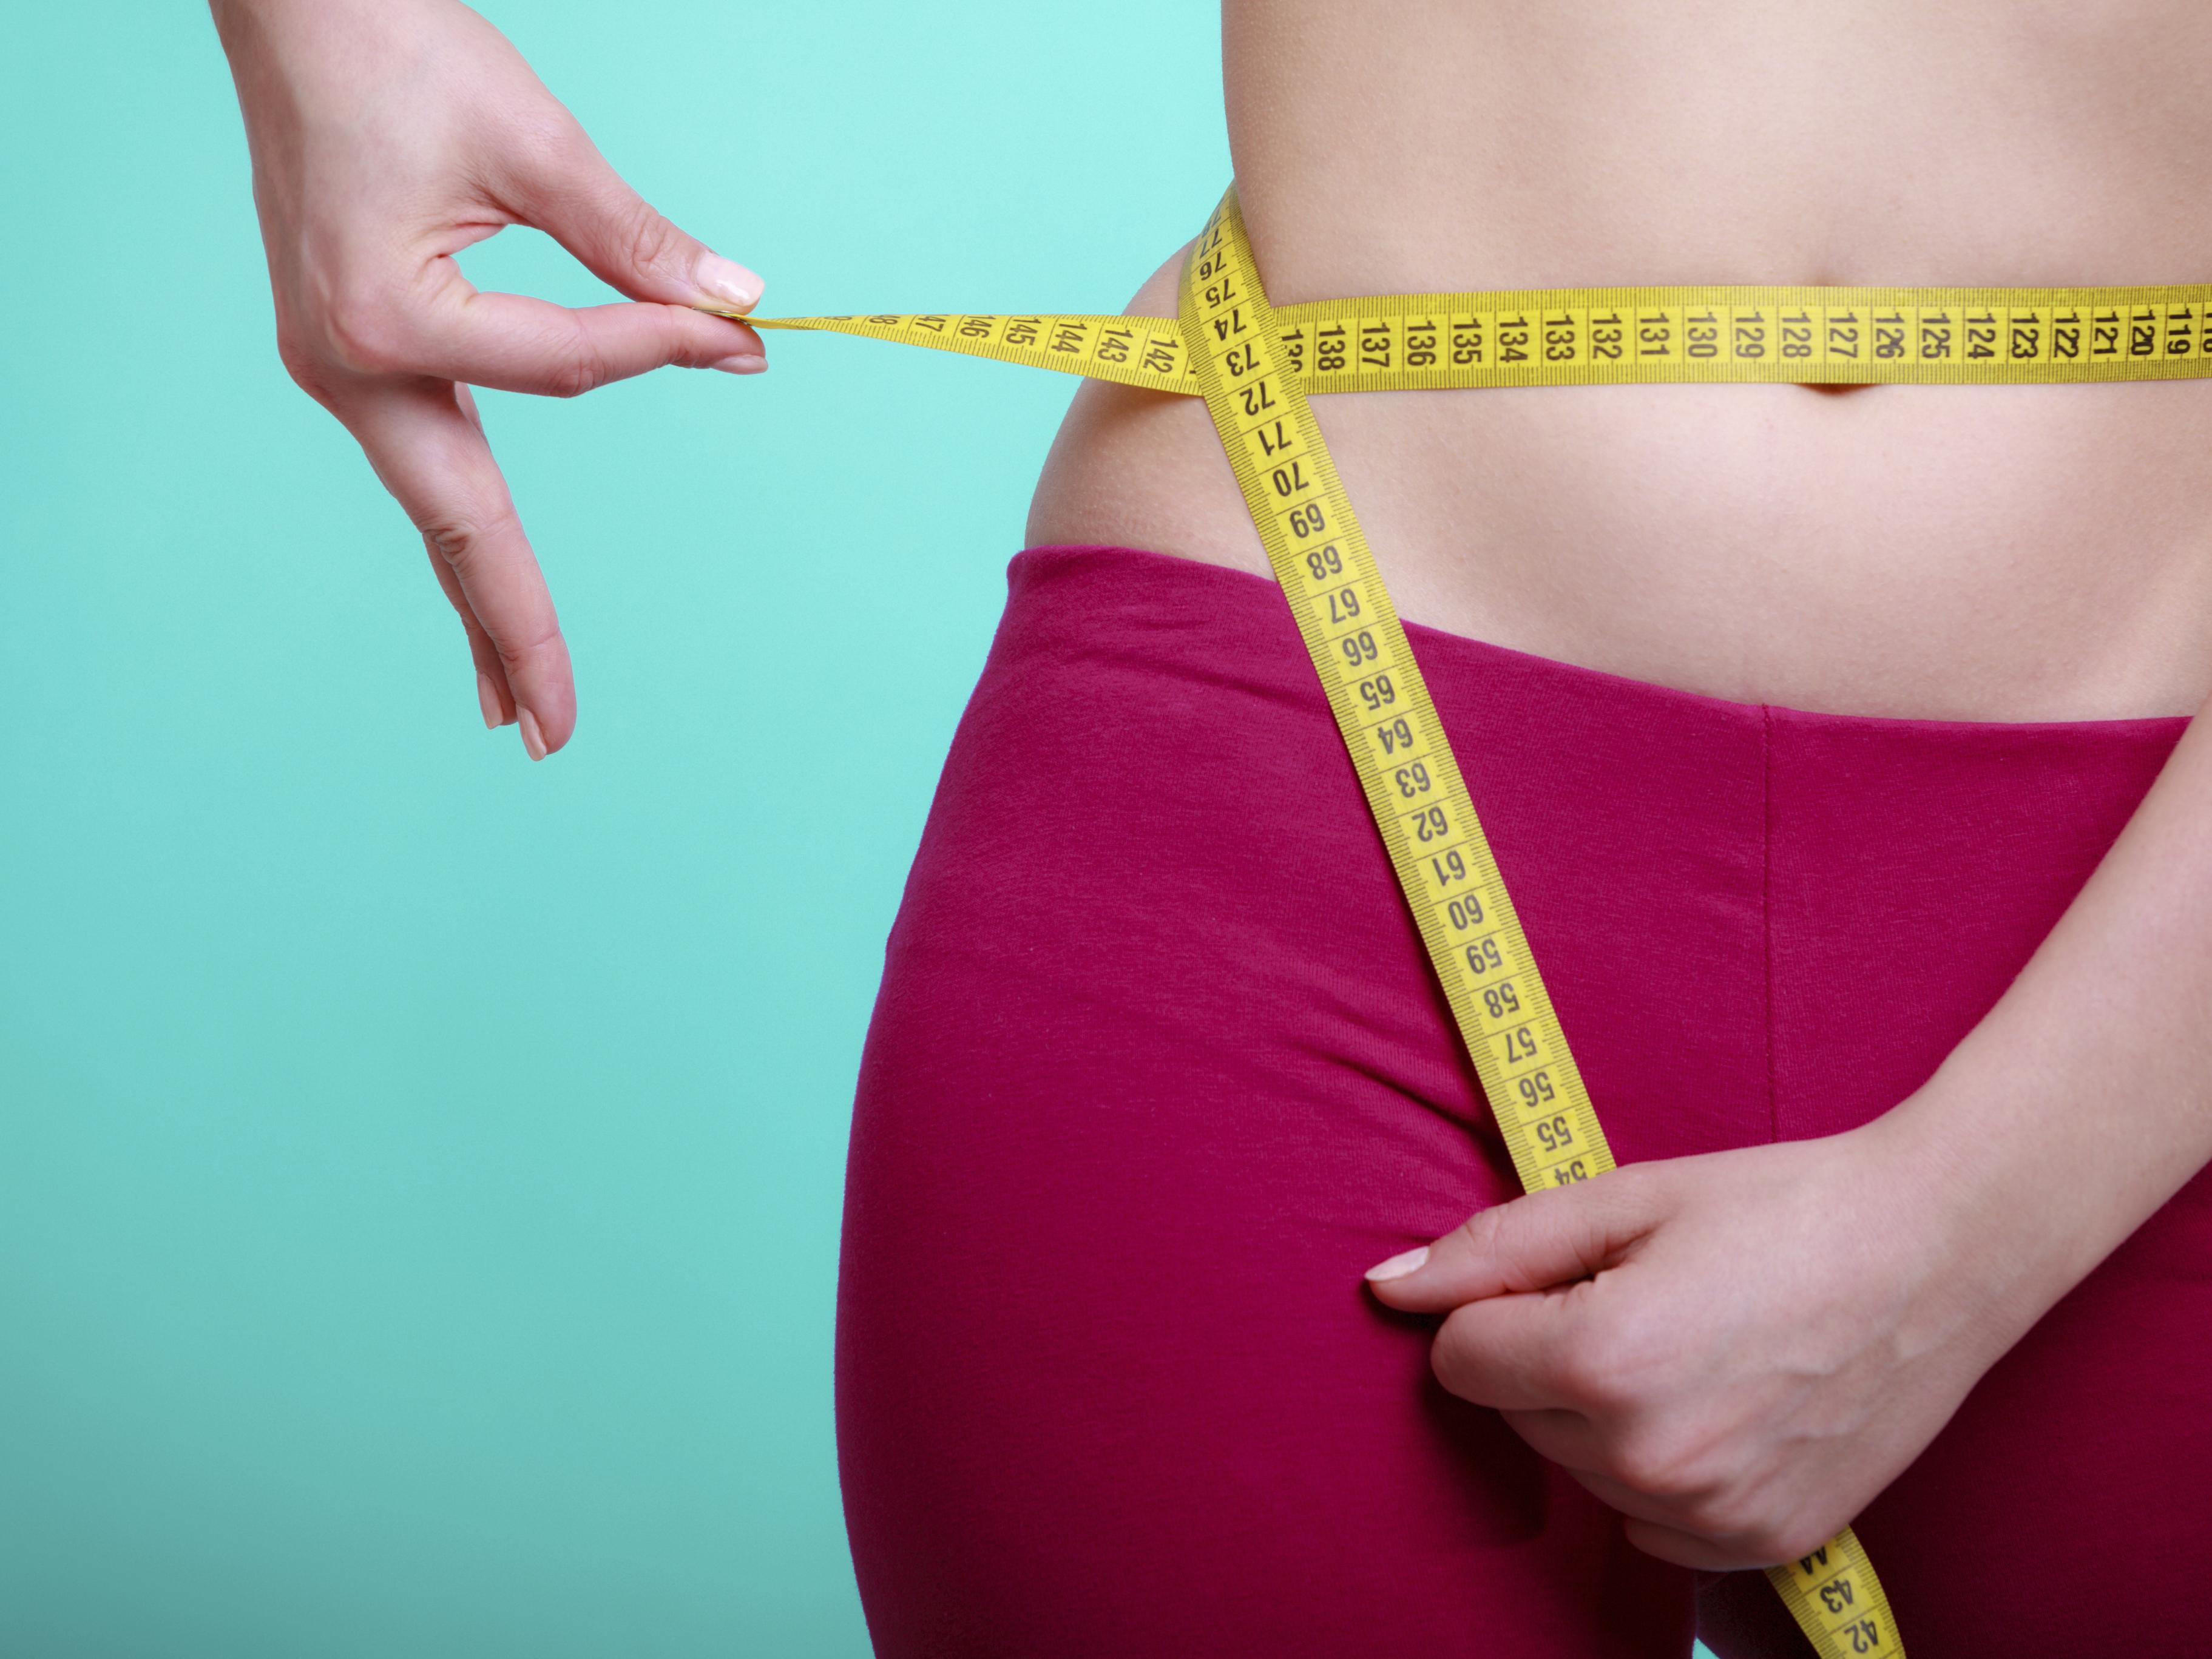 Emagrecer rapidamente não prejudica manutenção do peso, diz estudo | VEJA